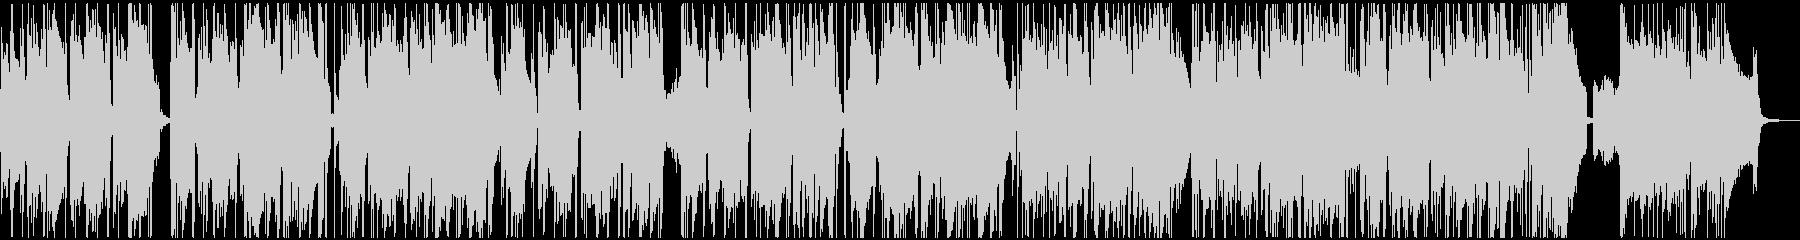 レトロなオルガンの渋いファンキーブルースの未再生の波形